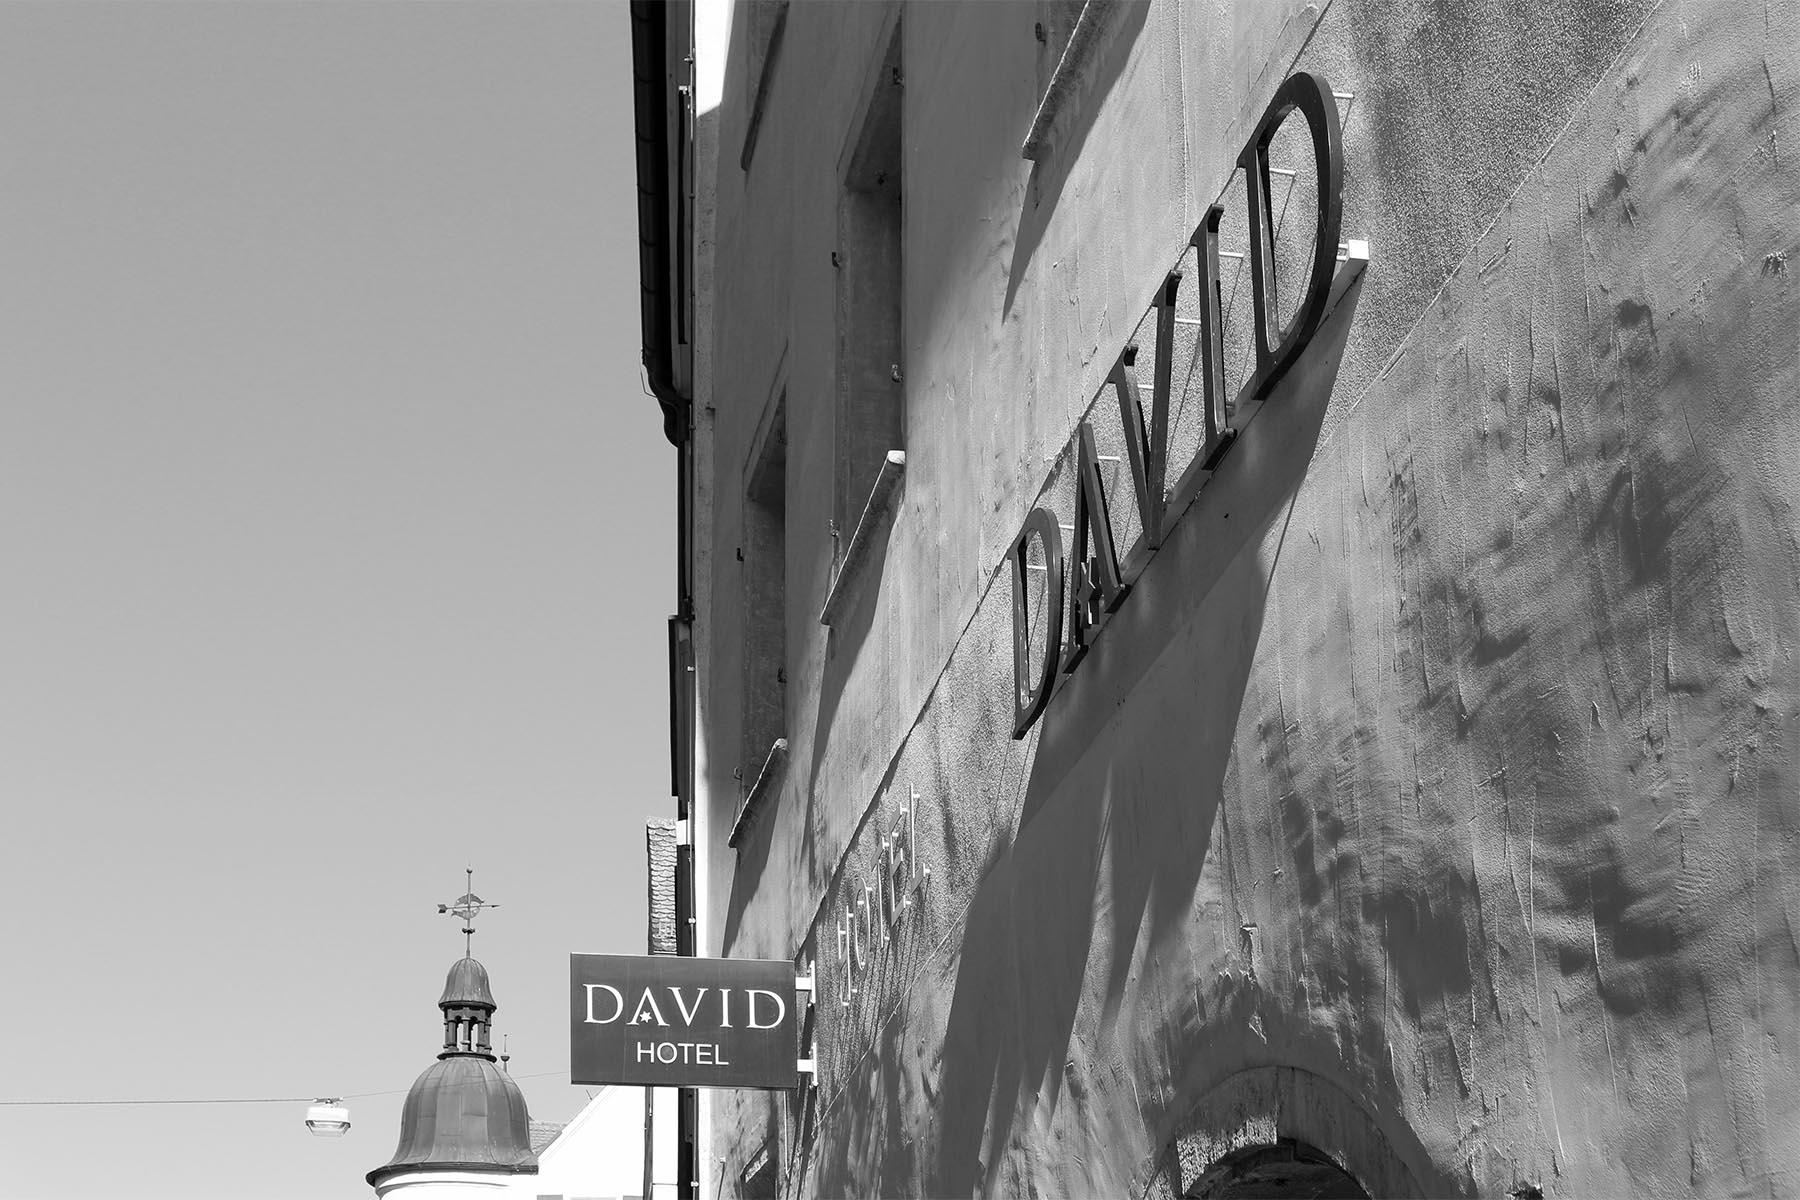 Zusammenspiel.  Aus Alt wird ... teilweise etwas Neues: das Hotel David aus dem 16. Jahrhundert war eine Kapelle, dann ein Wohnhaus und jetzt als Hotel David ein Boutiquehotel der besonderen Art –ein gelungenes Zusammenspiel der Epochen und Stile.